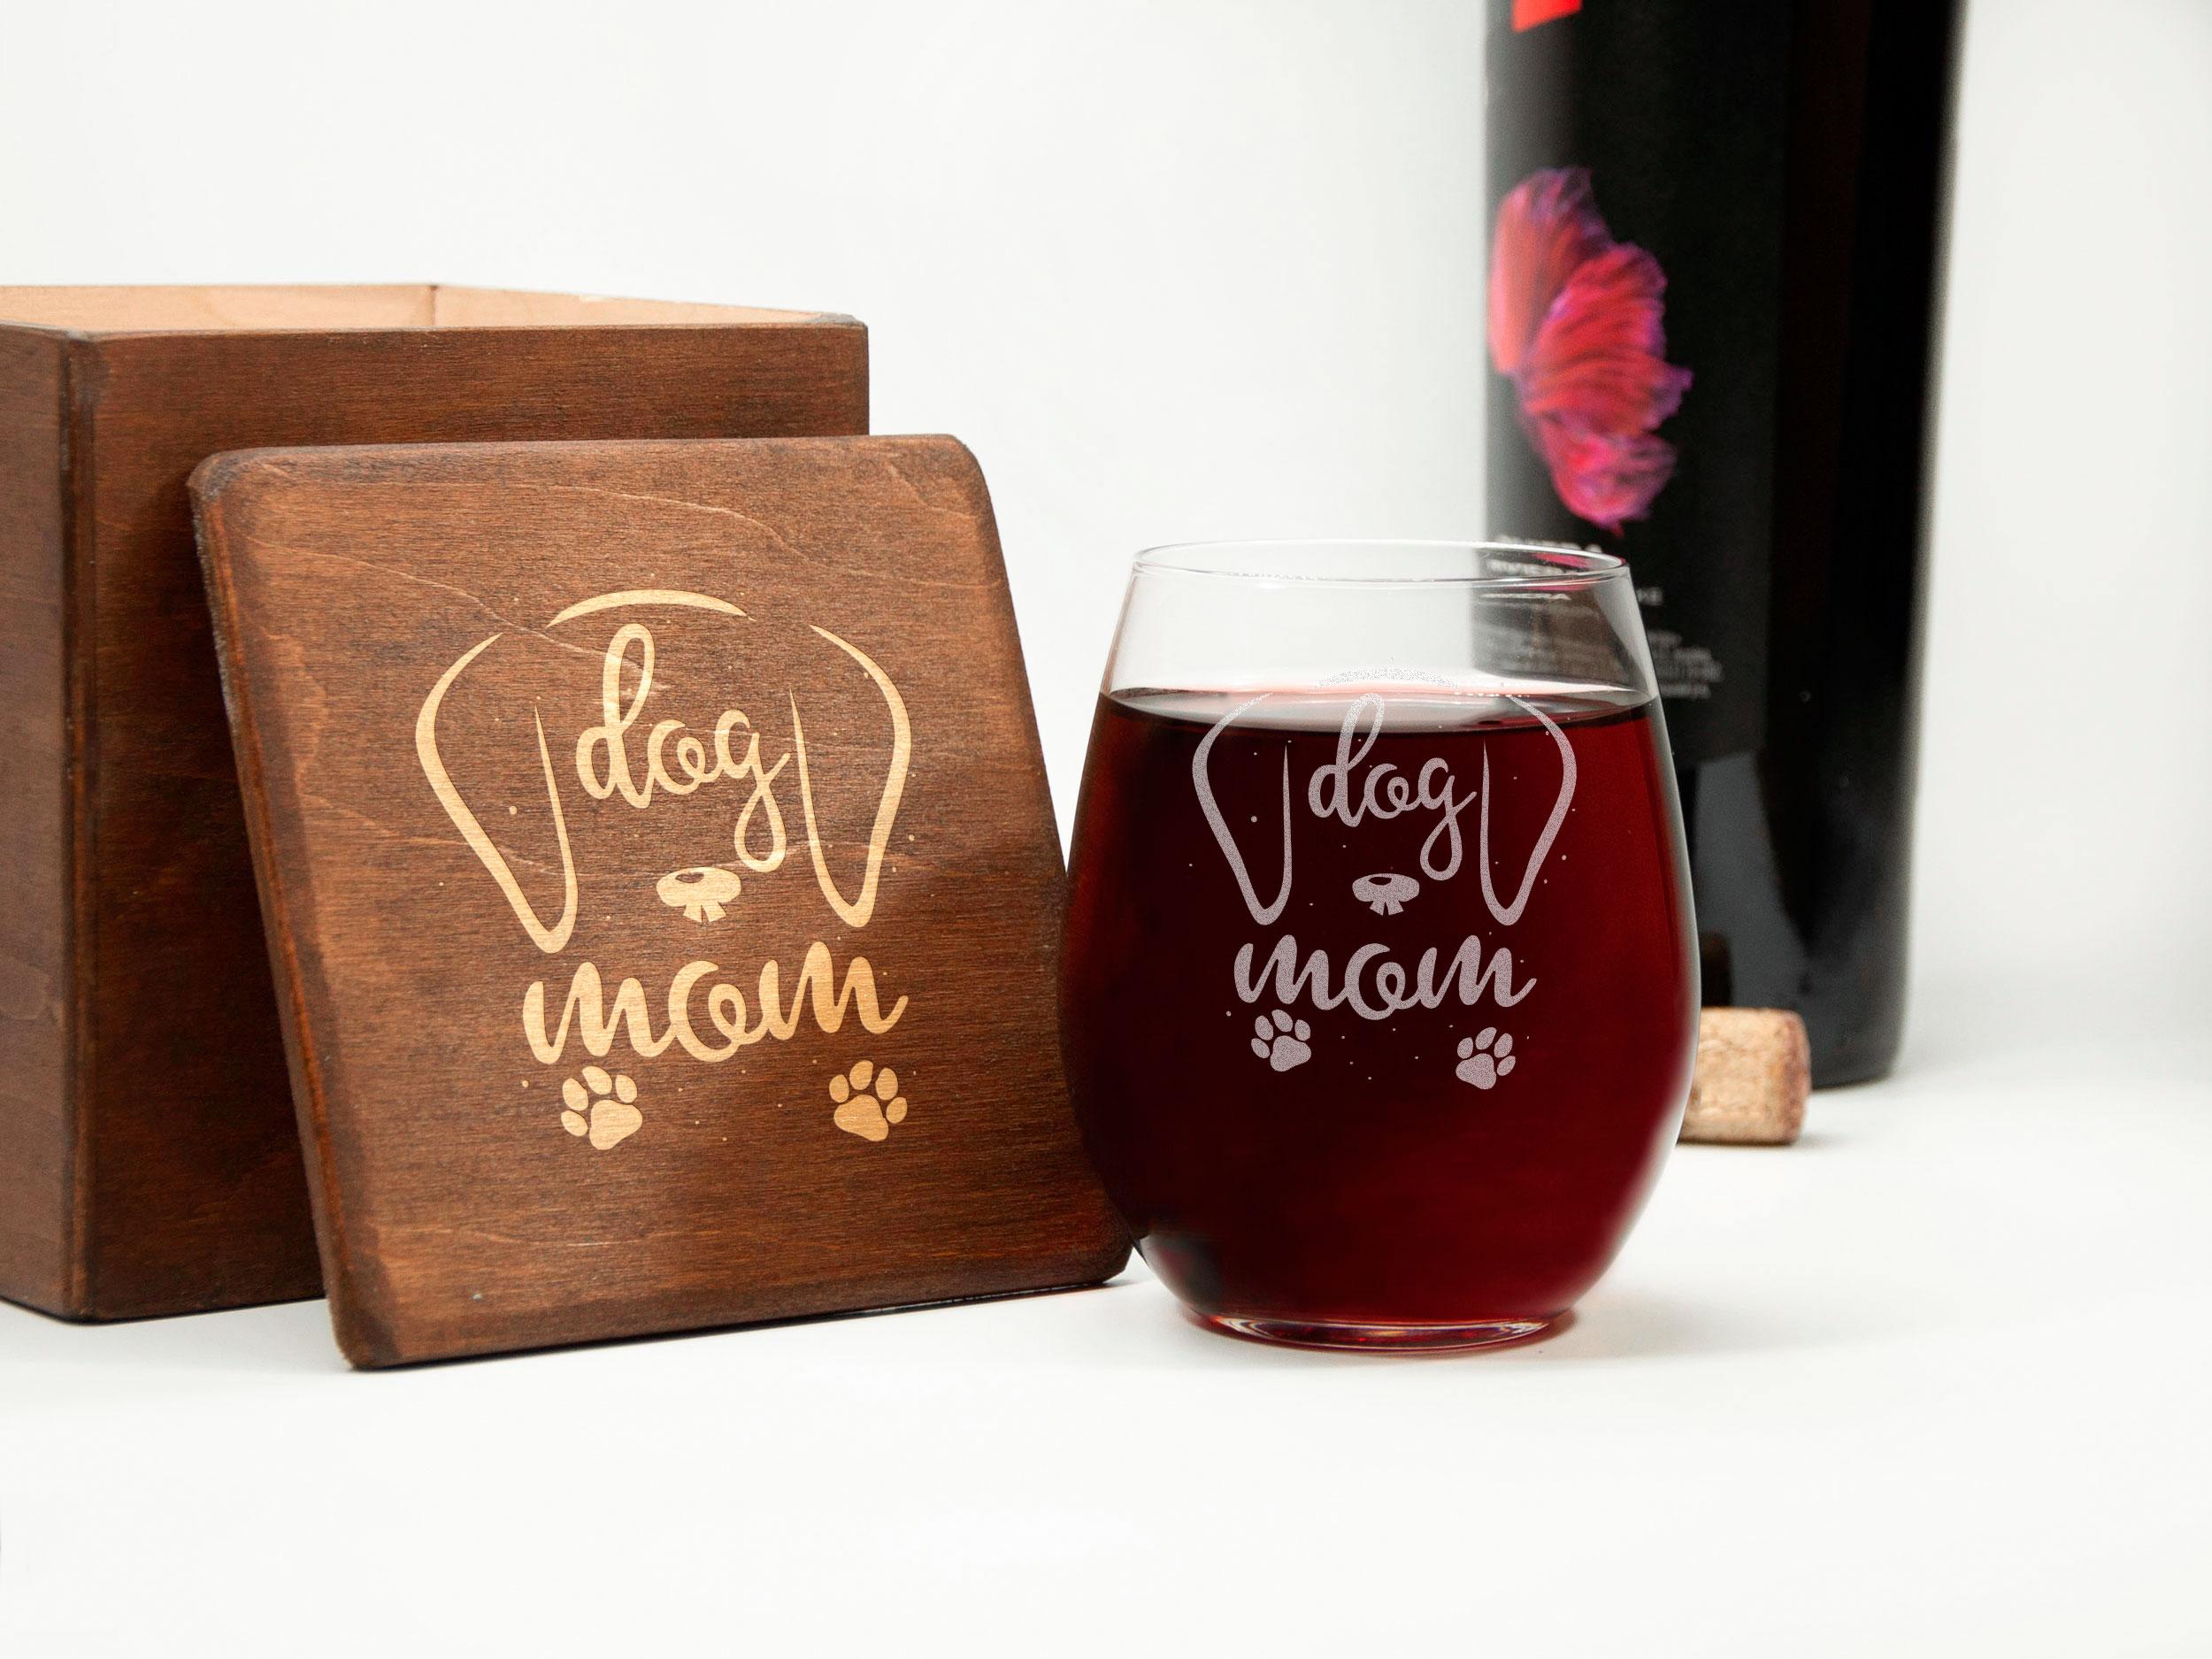 Стеклянный винный стакан с надписью «Dog mom» на подарок маме